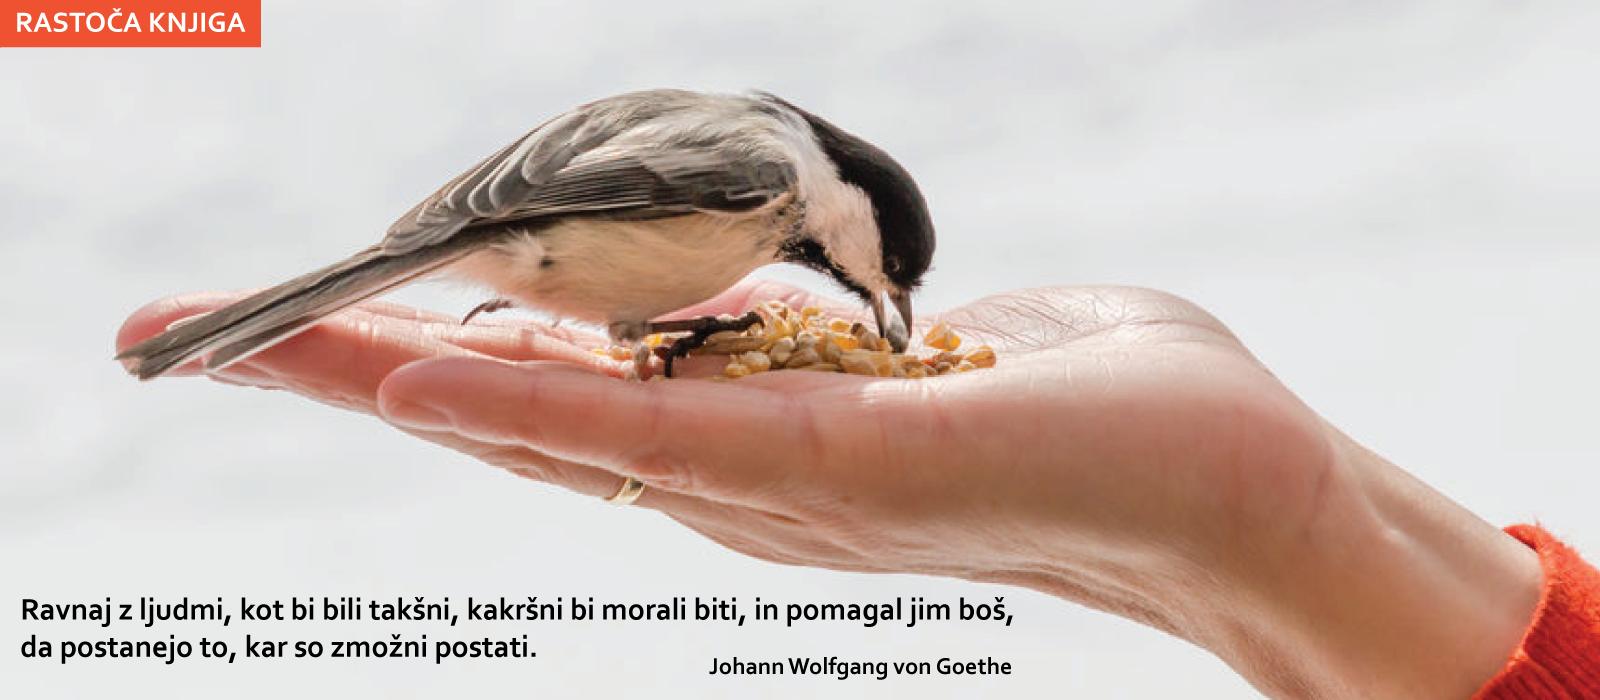 rastoča-knjiga-JANUAR